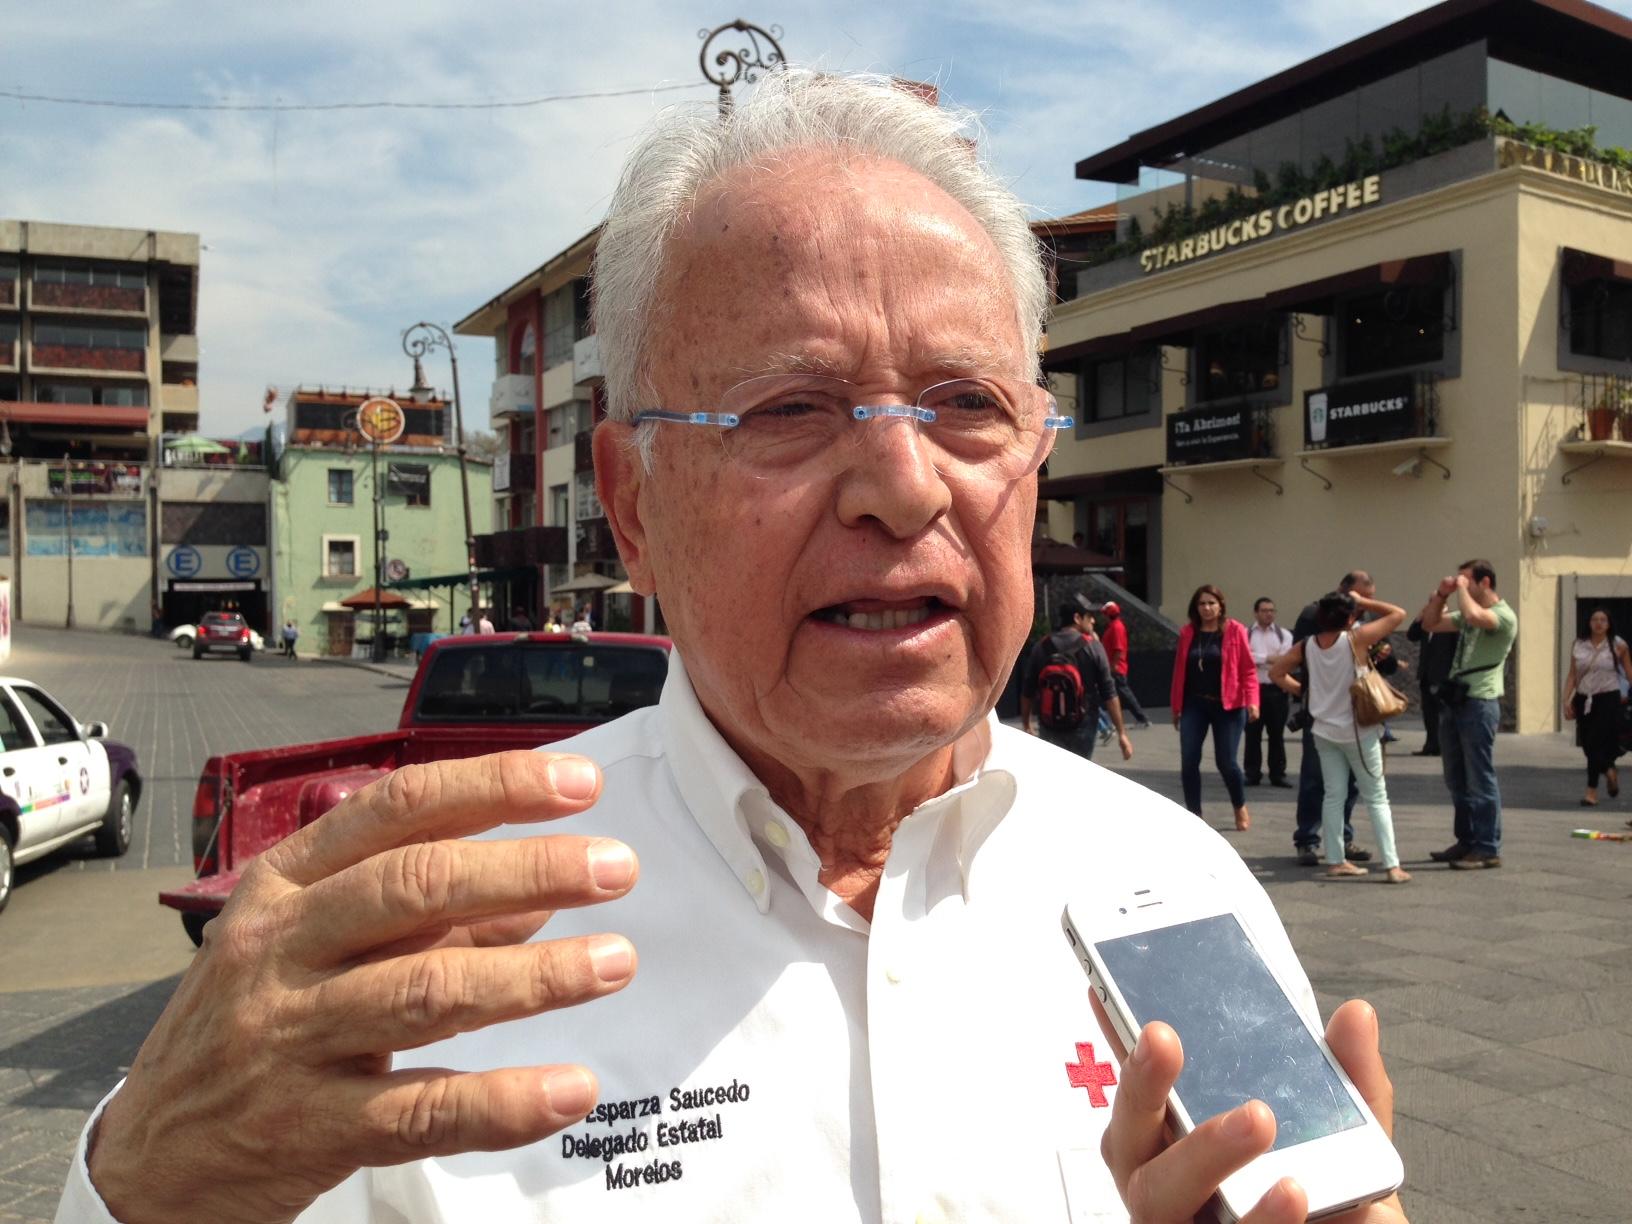 José Esparza Saucedo  Cruz Roja Mexicana